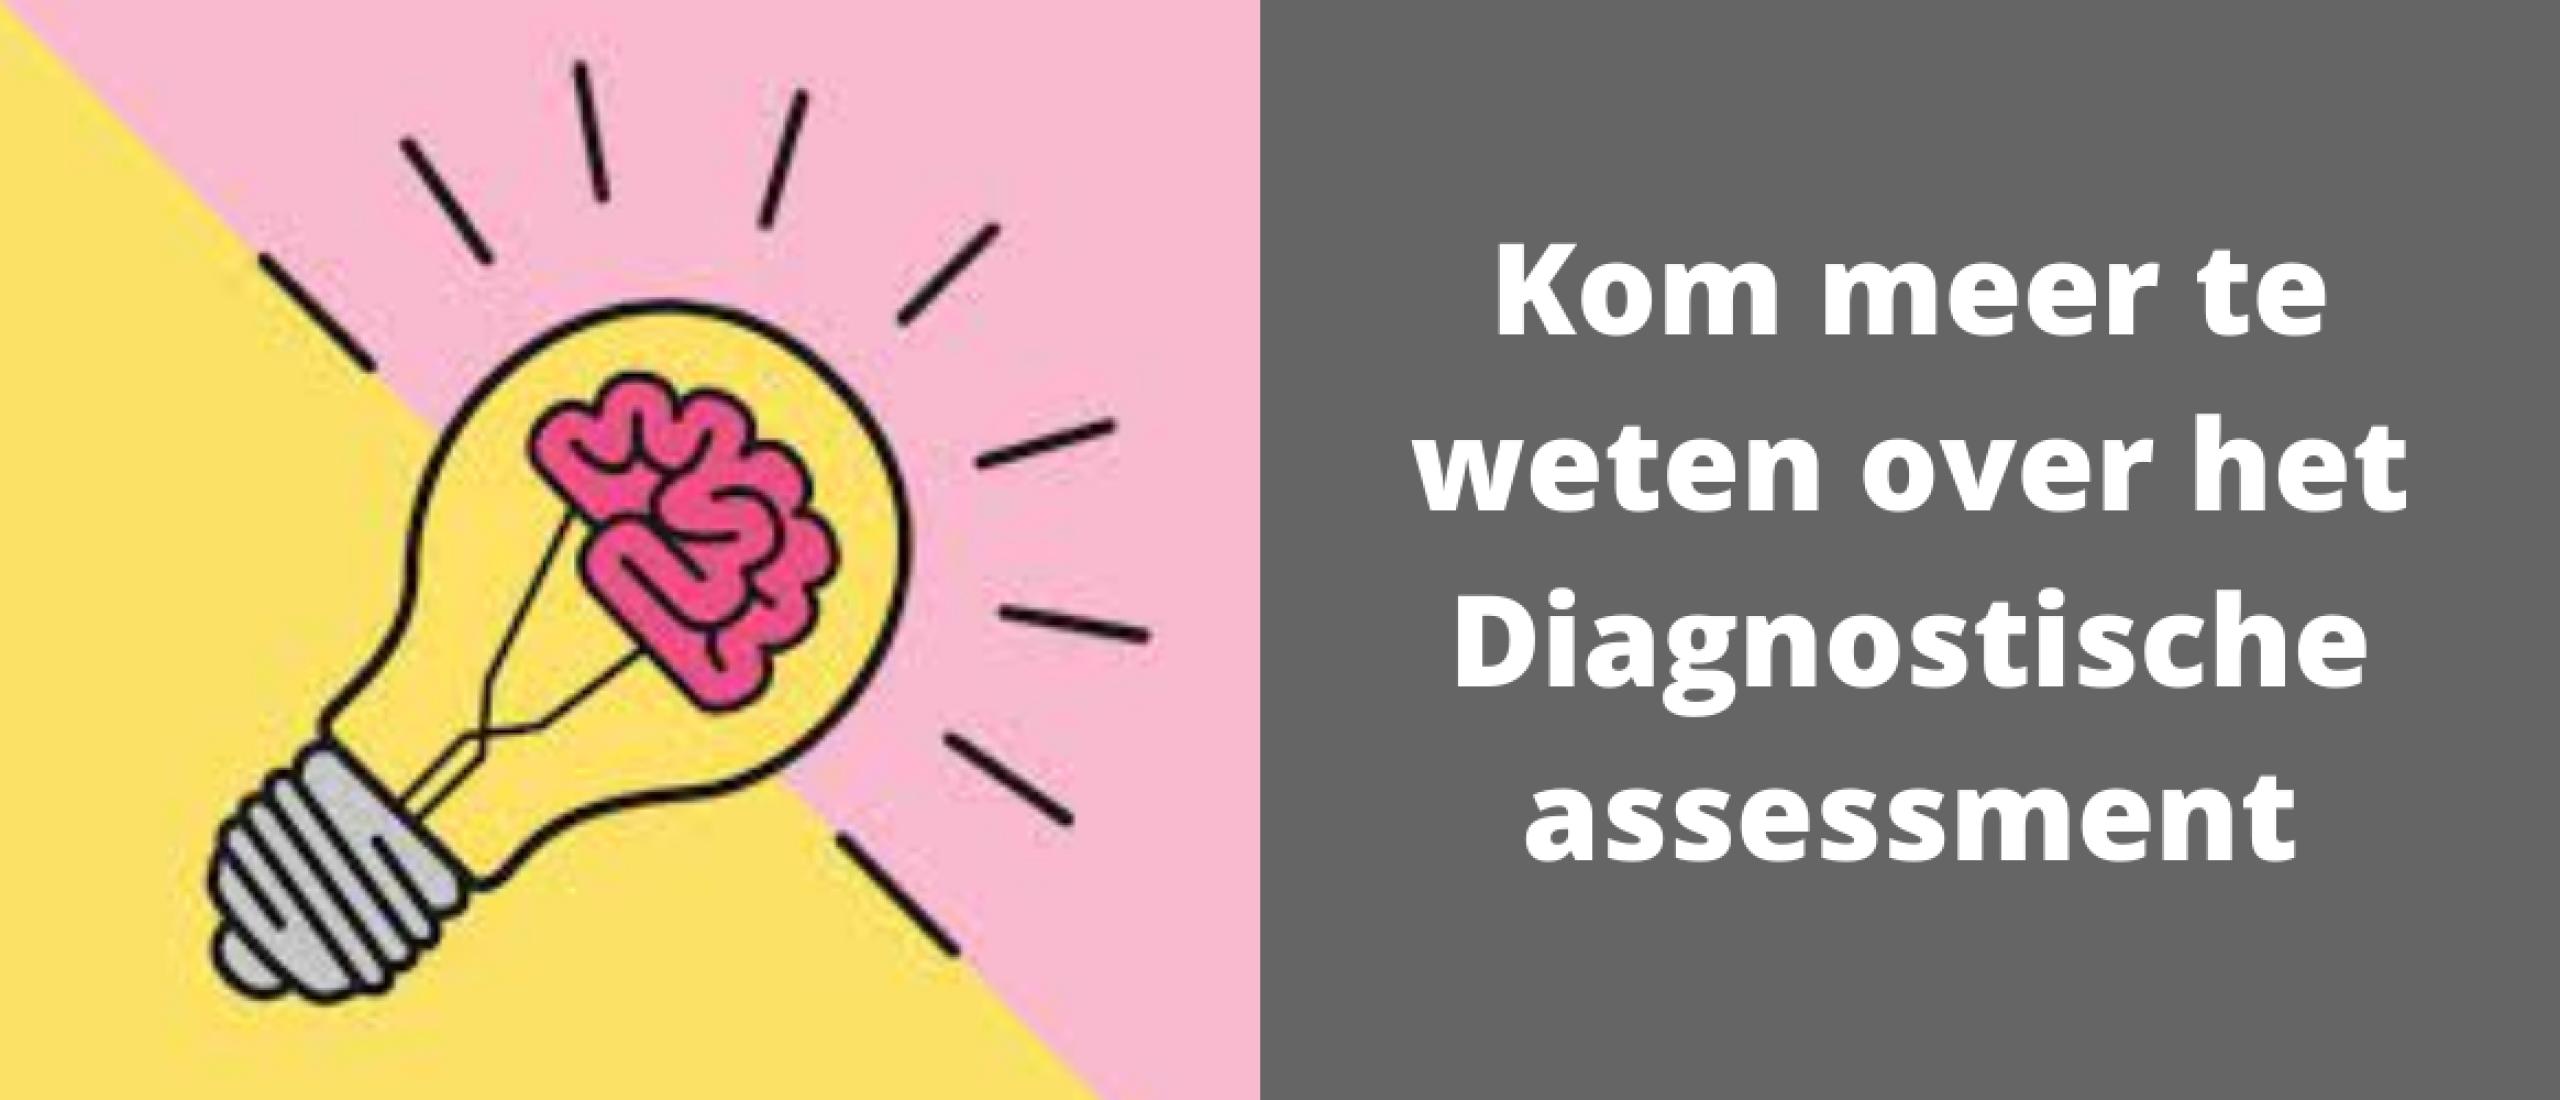 Kom meer te weten over het Diagnostische assessment